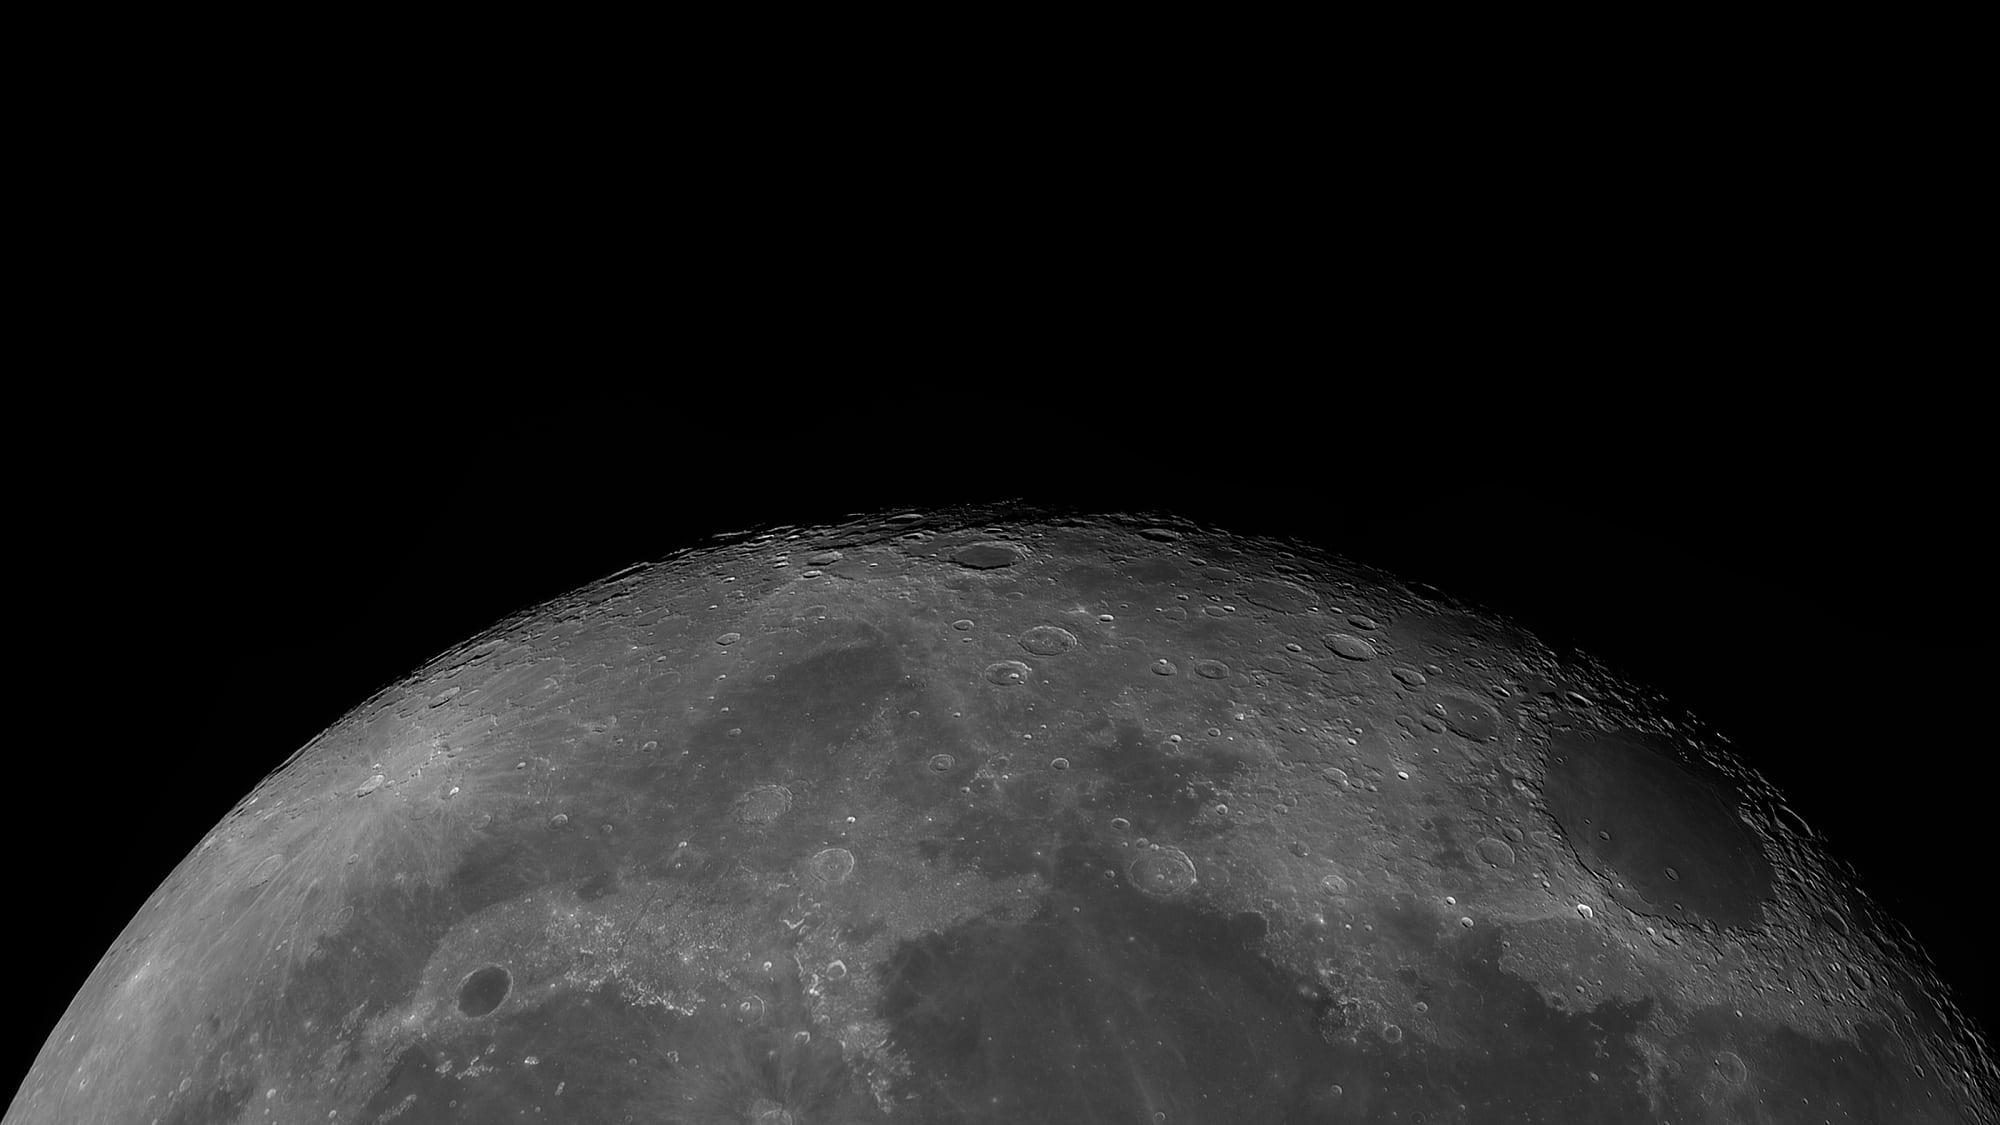 Panorama des abnehmenden Mondes vom 13. November 2019